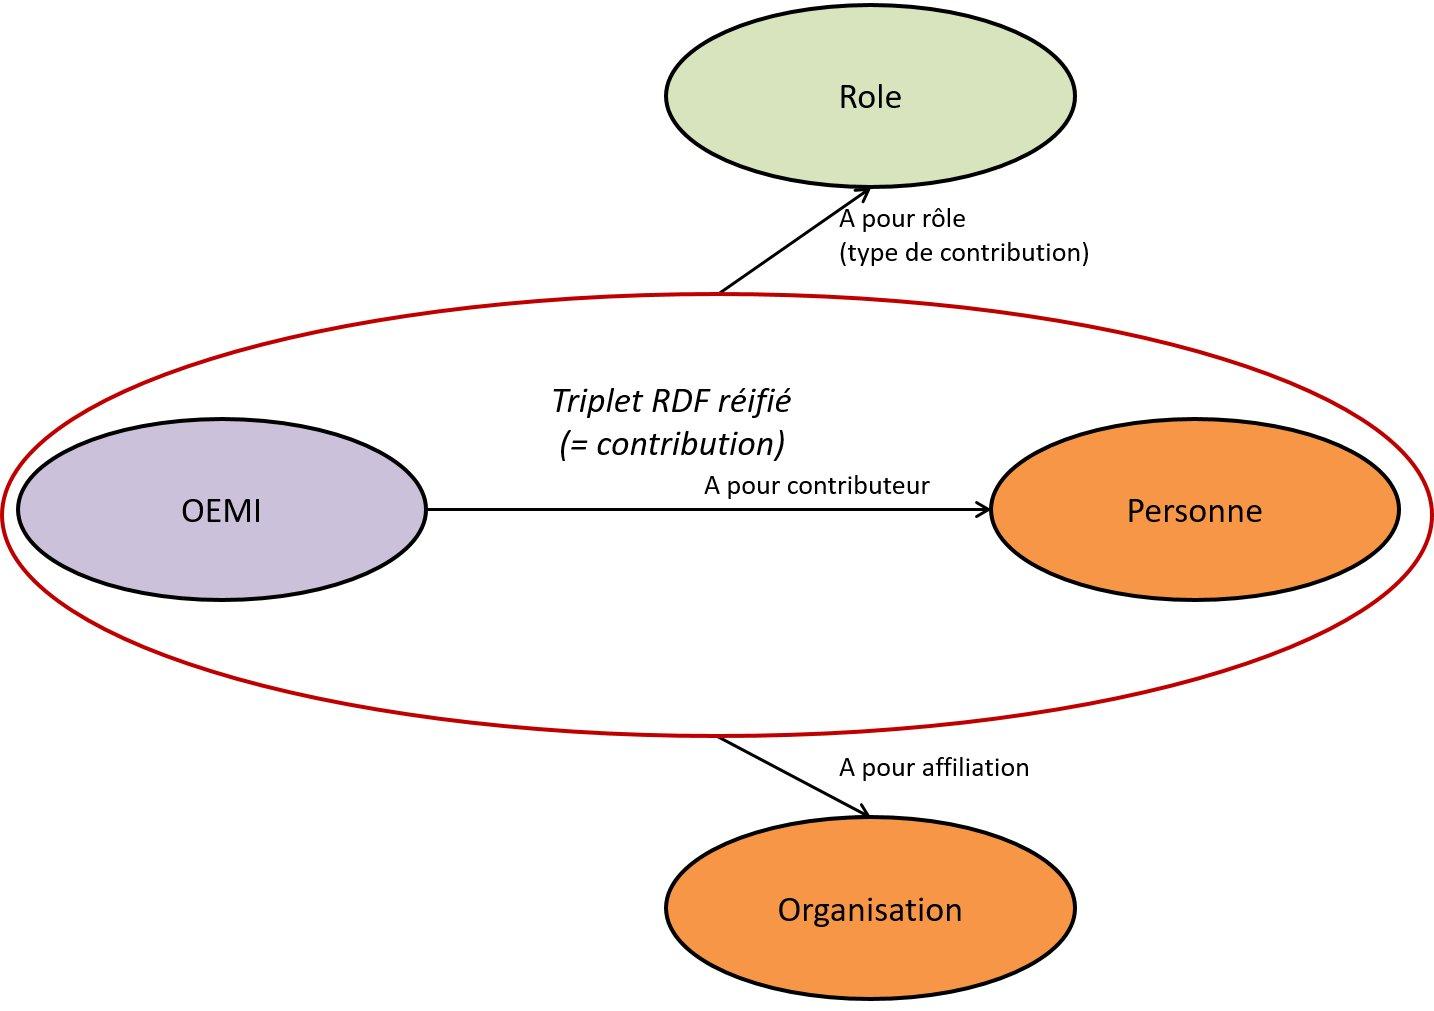 Modélisation des contributions (avec leurs rôle et affiliation) quel que soit le niveau OEMI